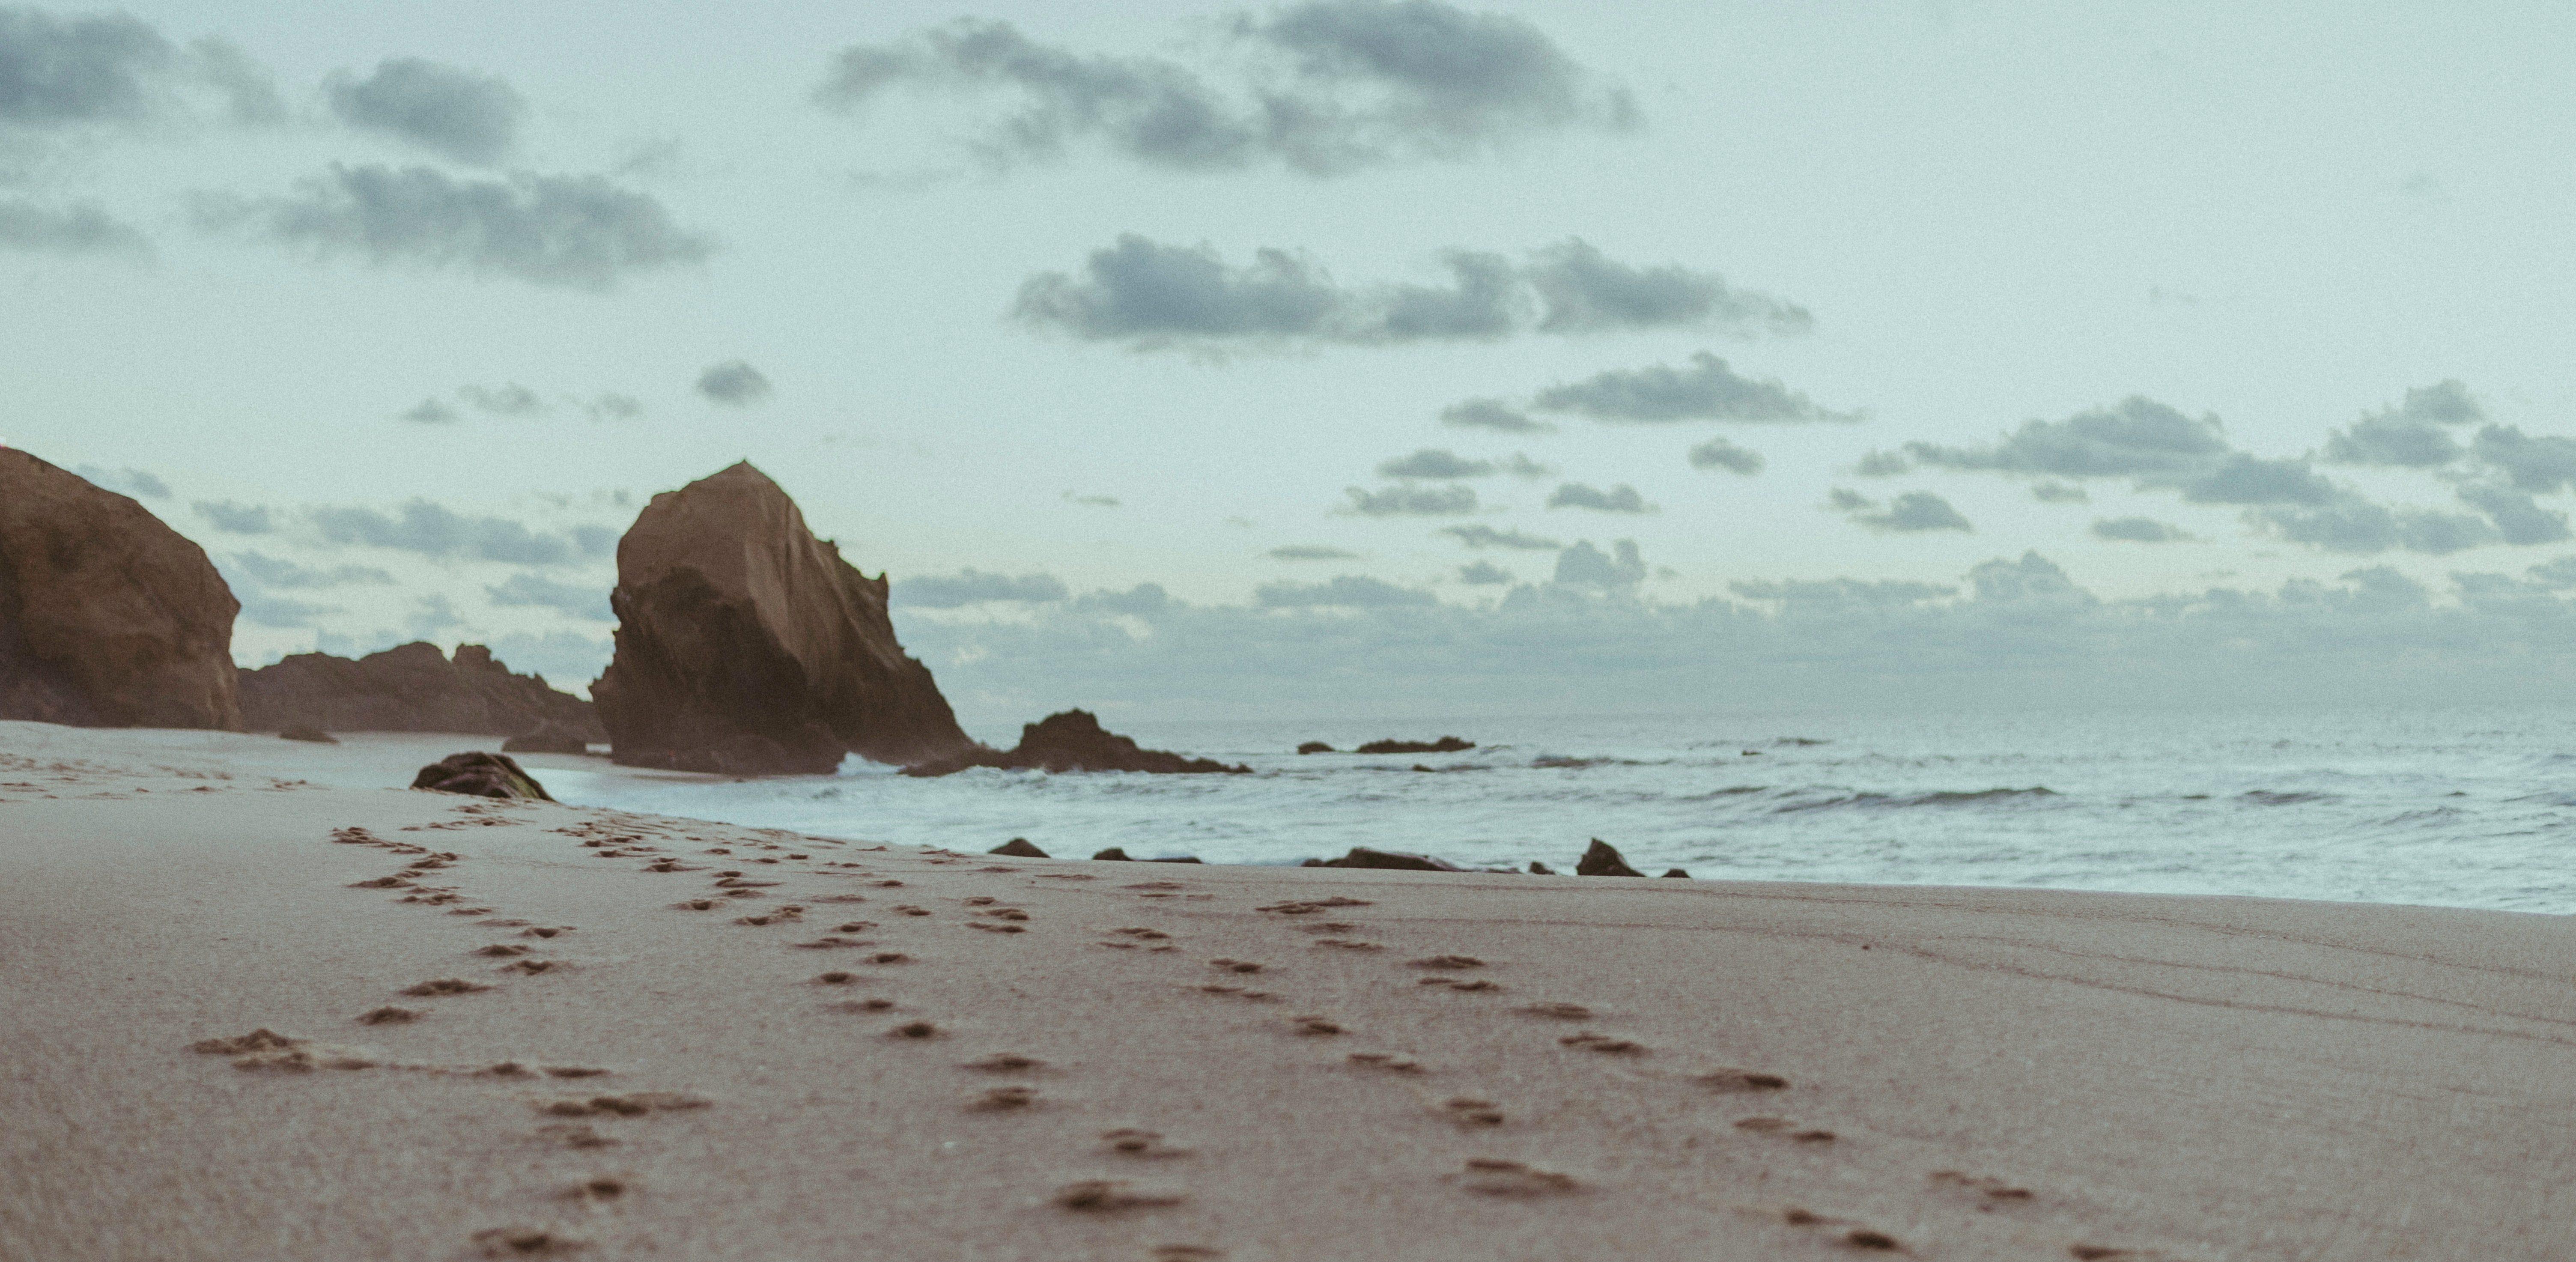 The Sea Turtle by Allison Xu